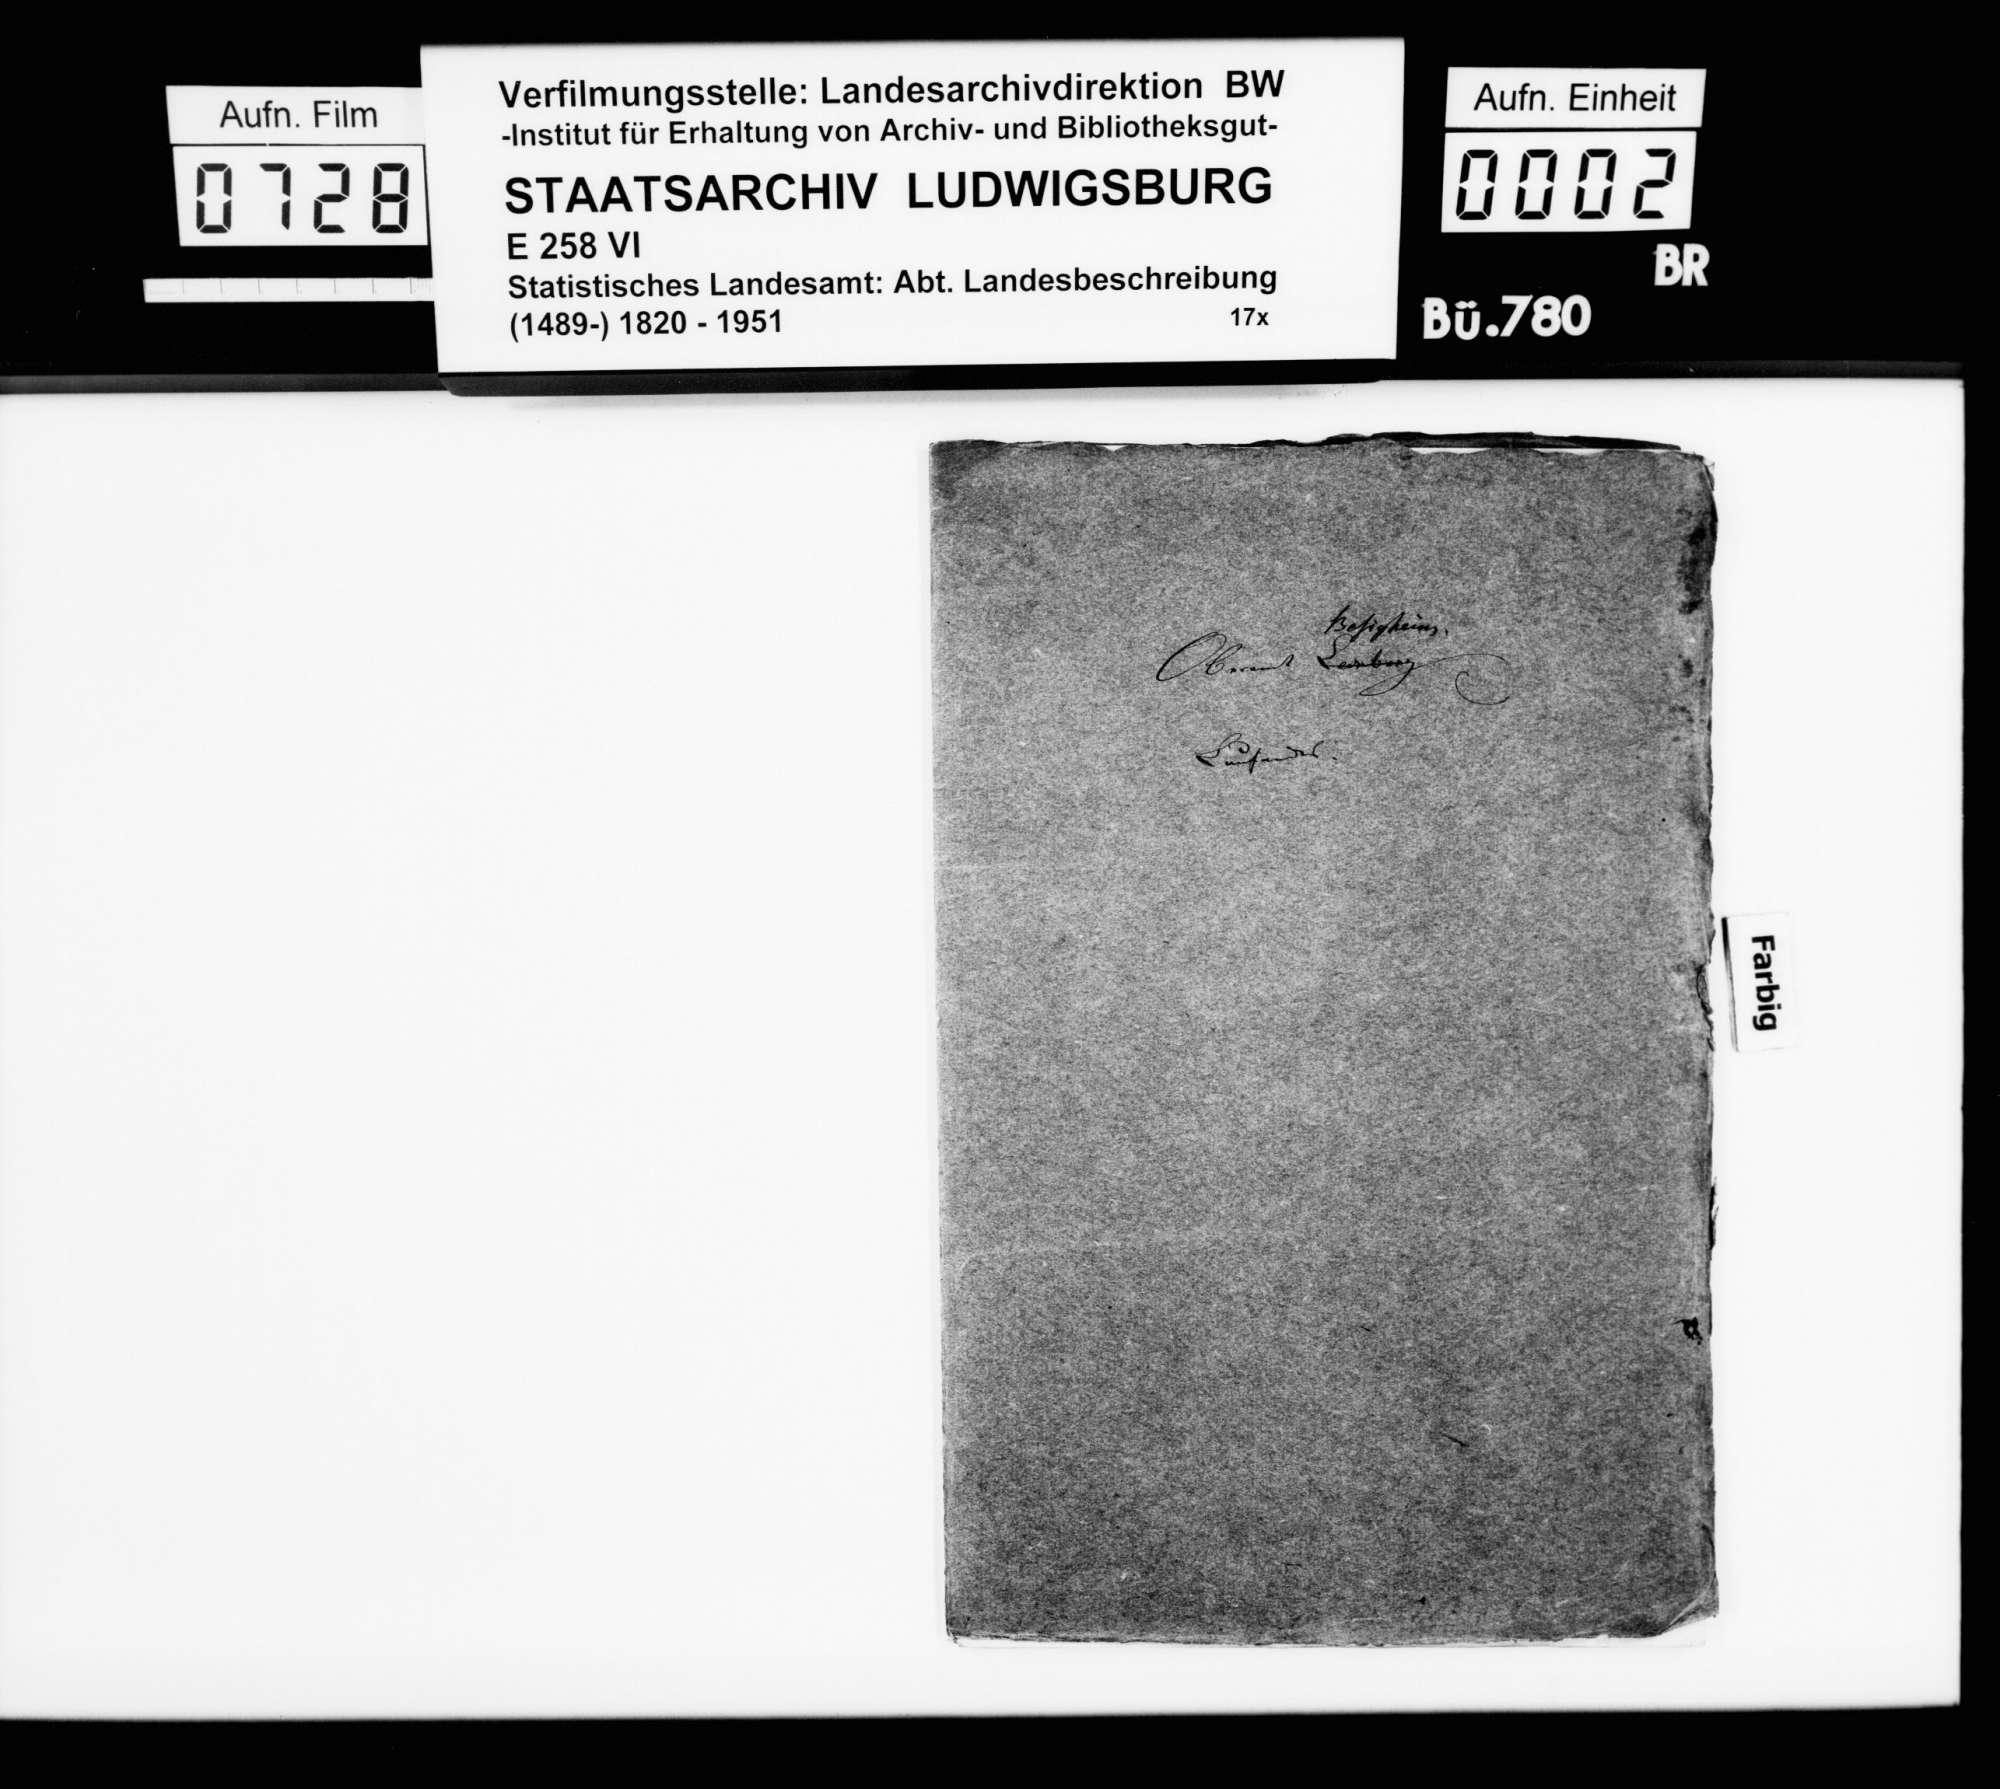 Textmanuskript [des Finanzassessors Karl Eduard Paulus] zu Teilen der OAB, Bild 1